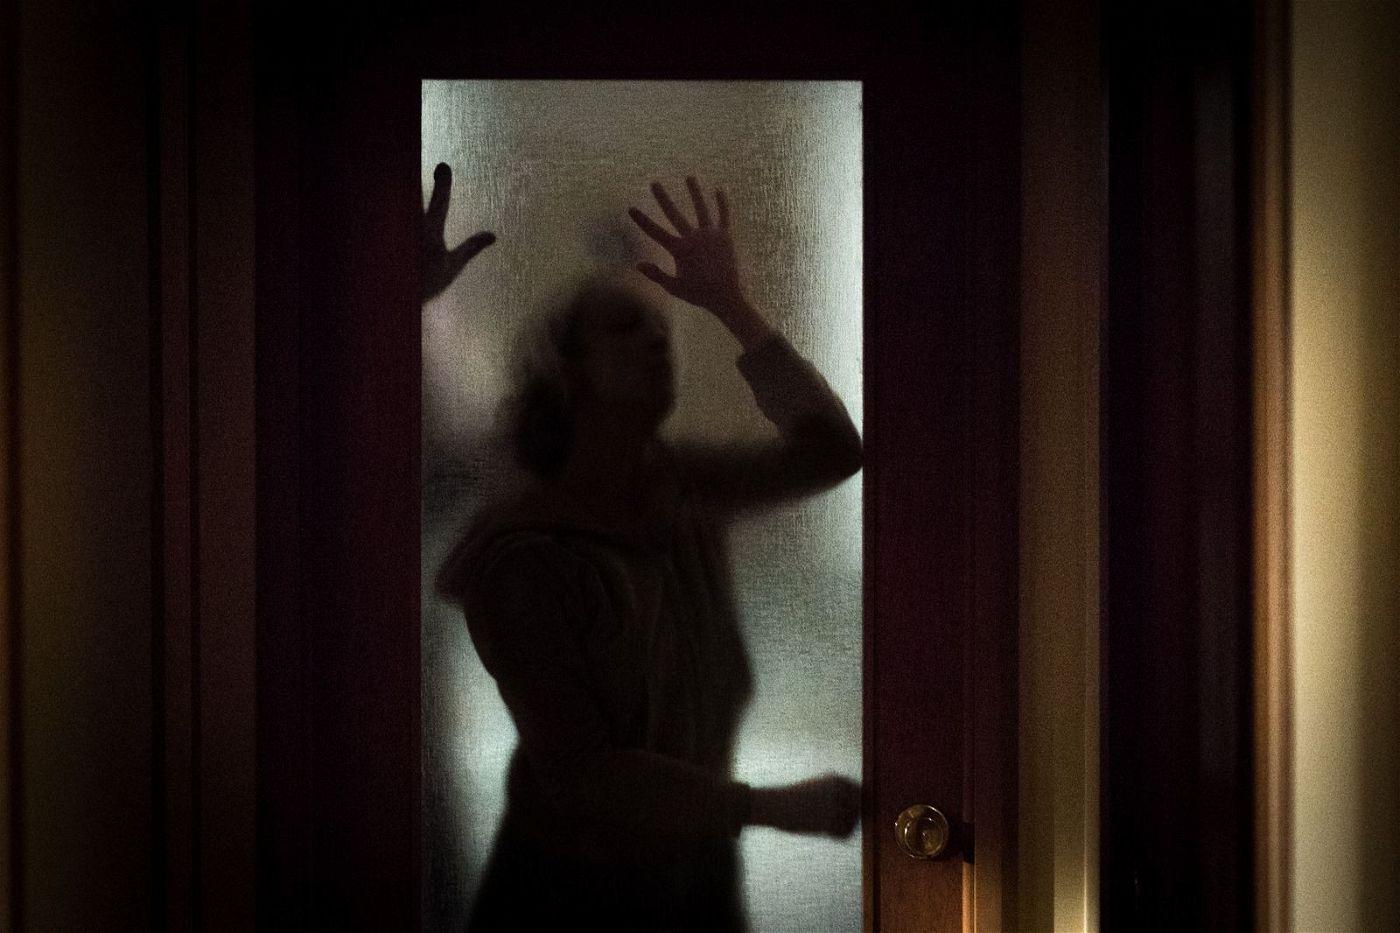 Detective Muldoon (Andrea Riseborough) stellt bald fest: Ihr Fall hat eine übersinnliche Dimension.